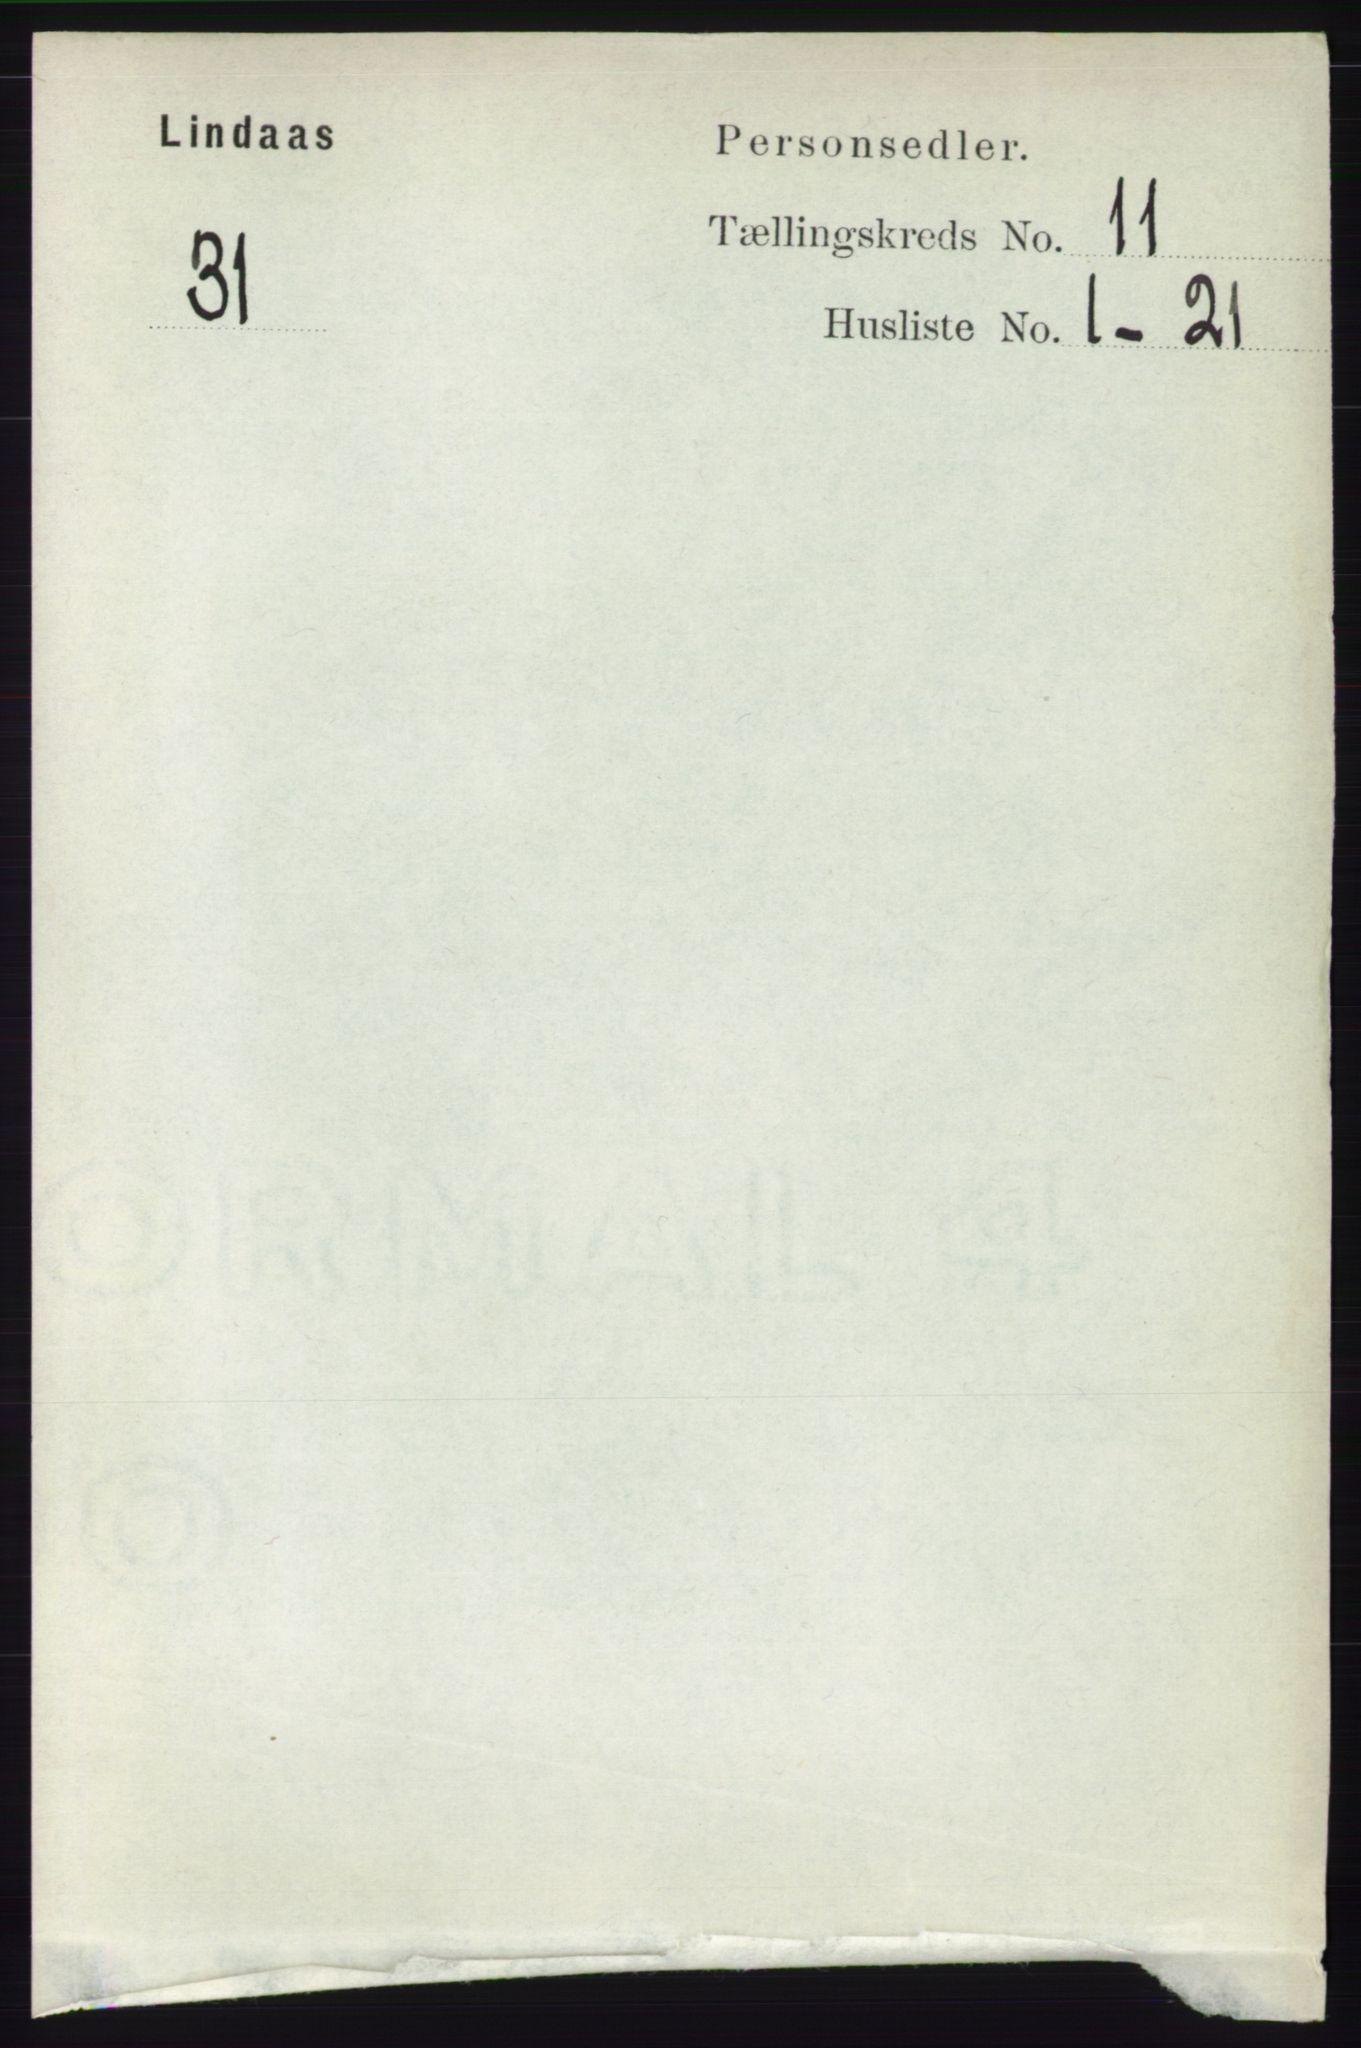 RA, Folketelling 1891 for 1263 Lindås herred, 1891, s. 3656